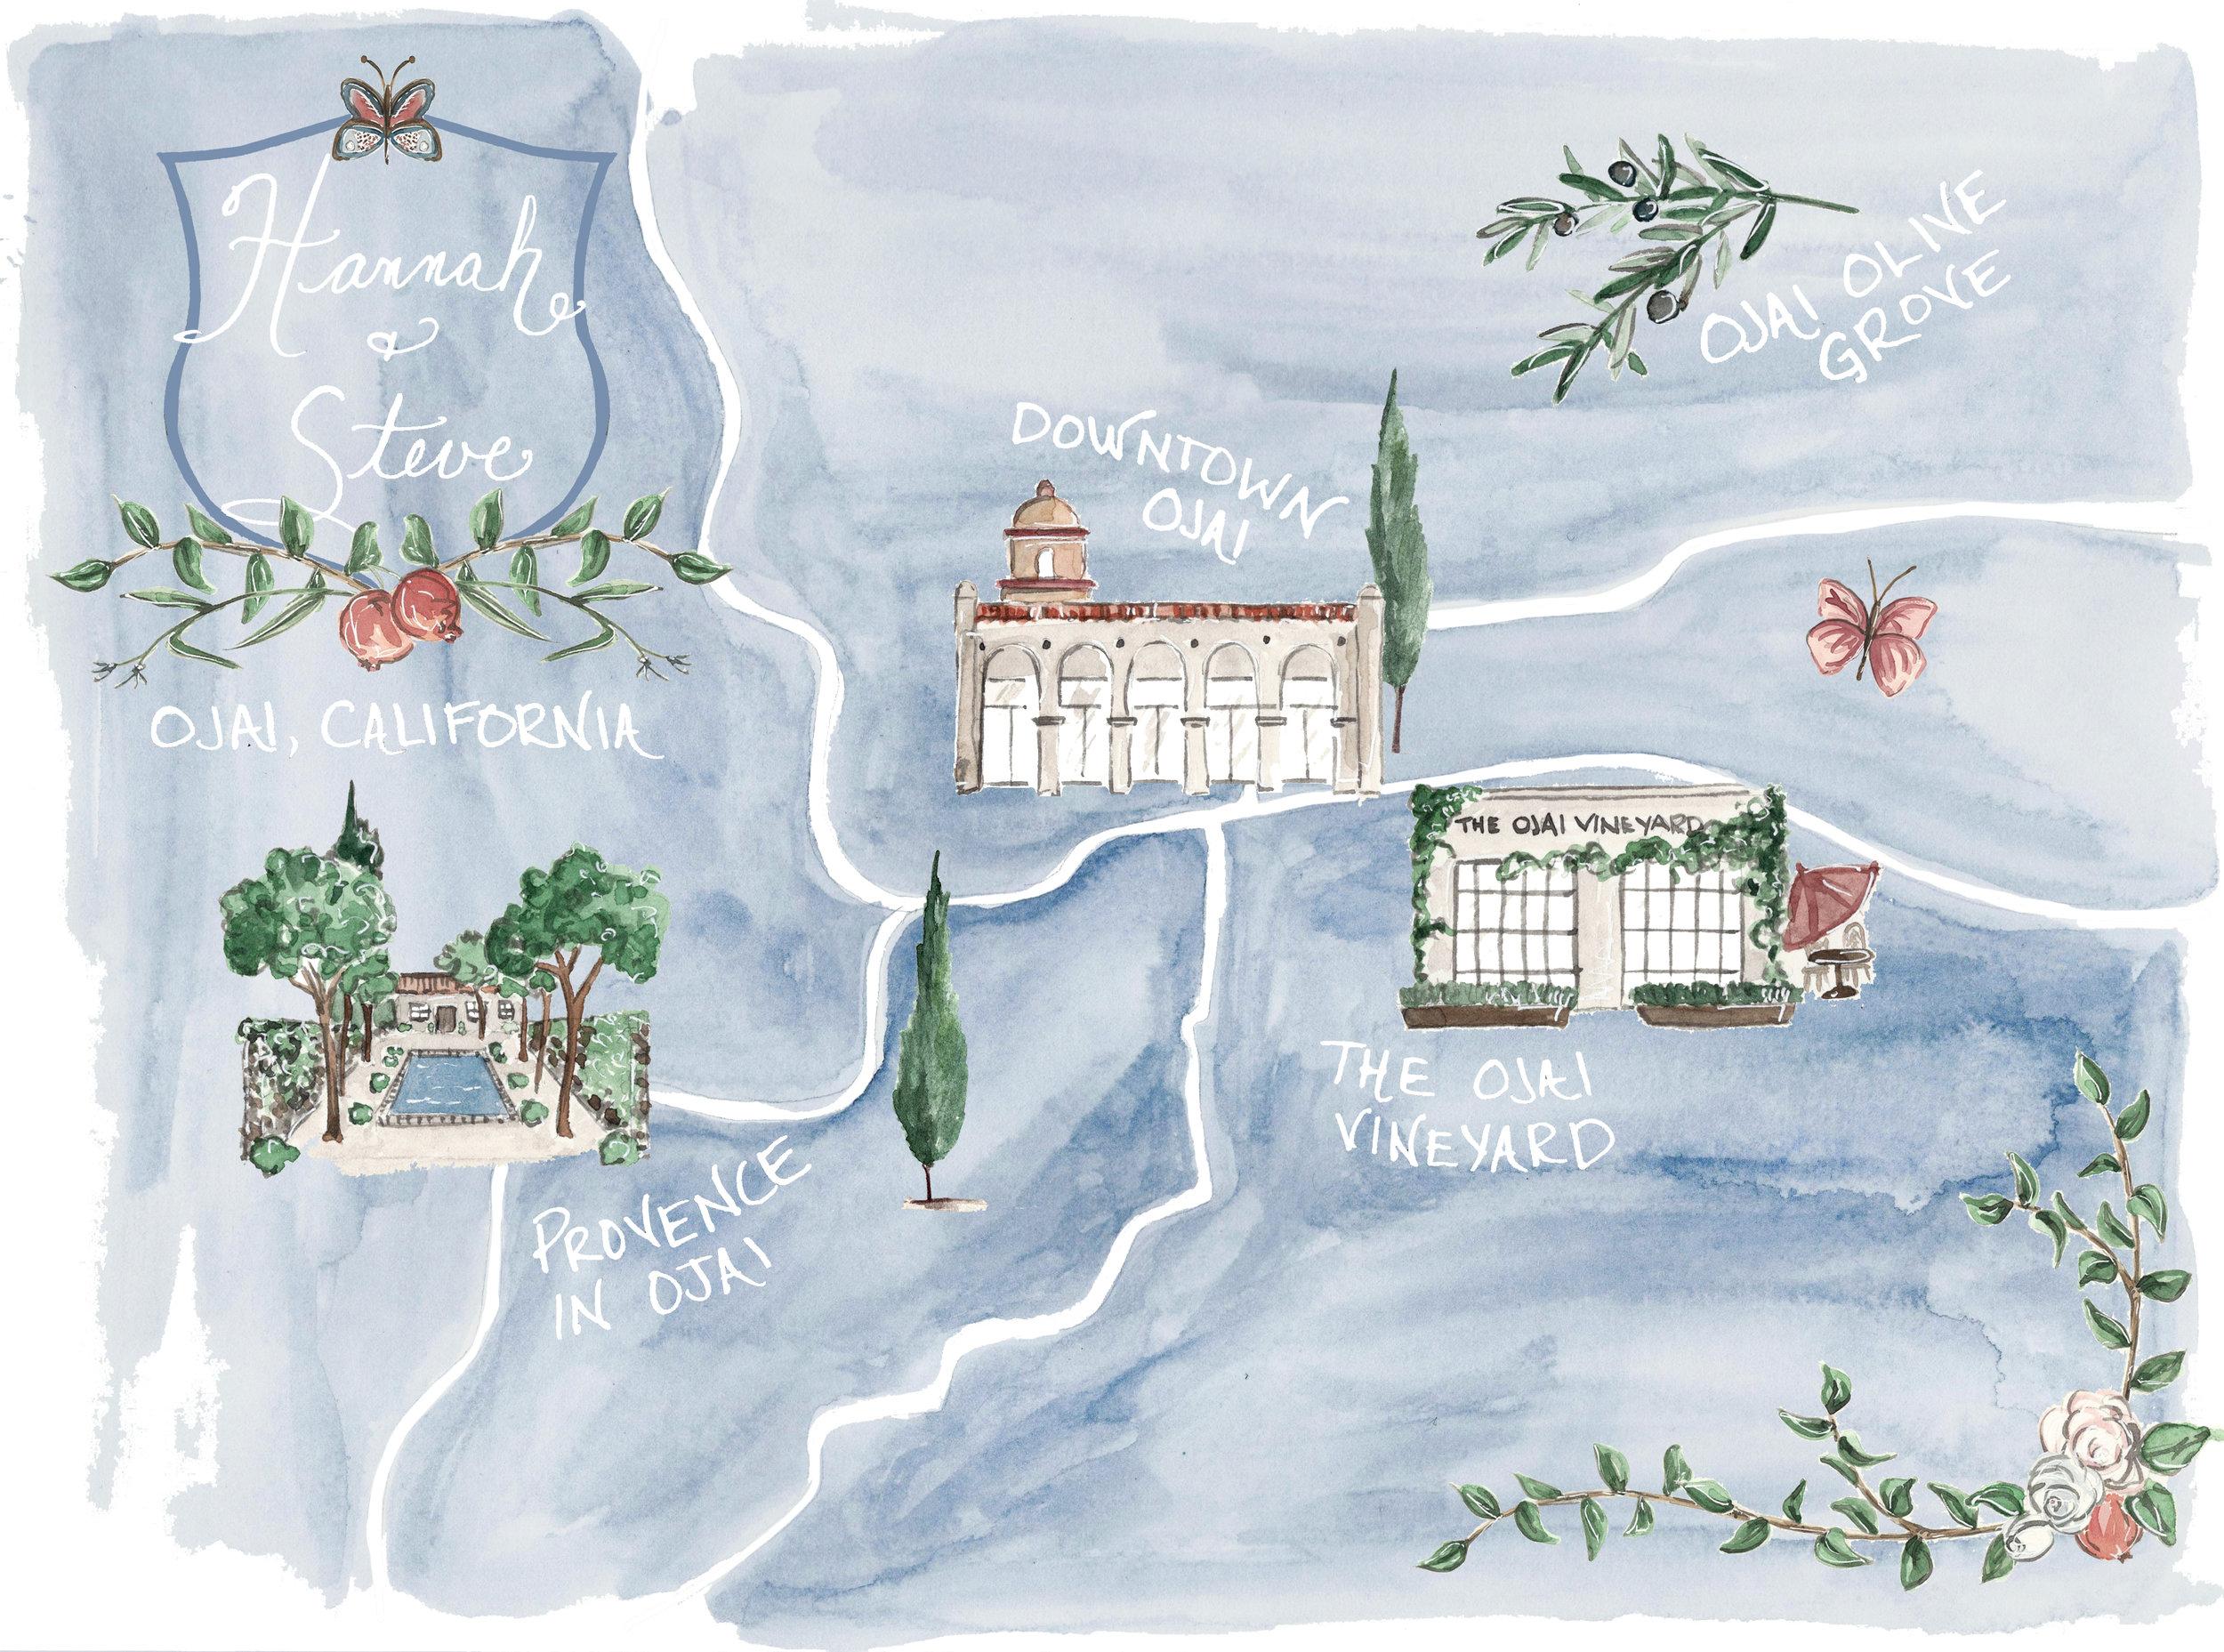 Hannah Steve Map 2.jpg